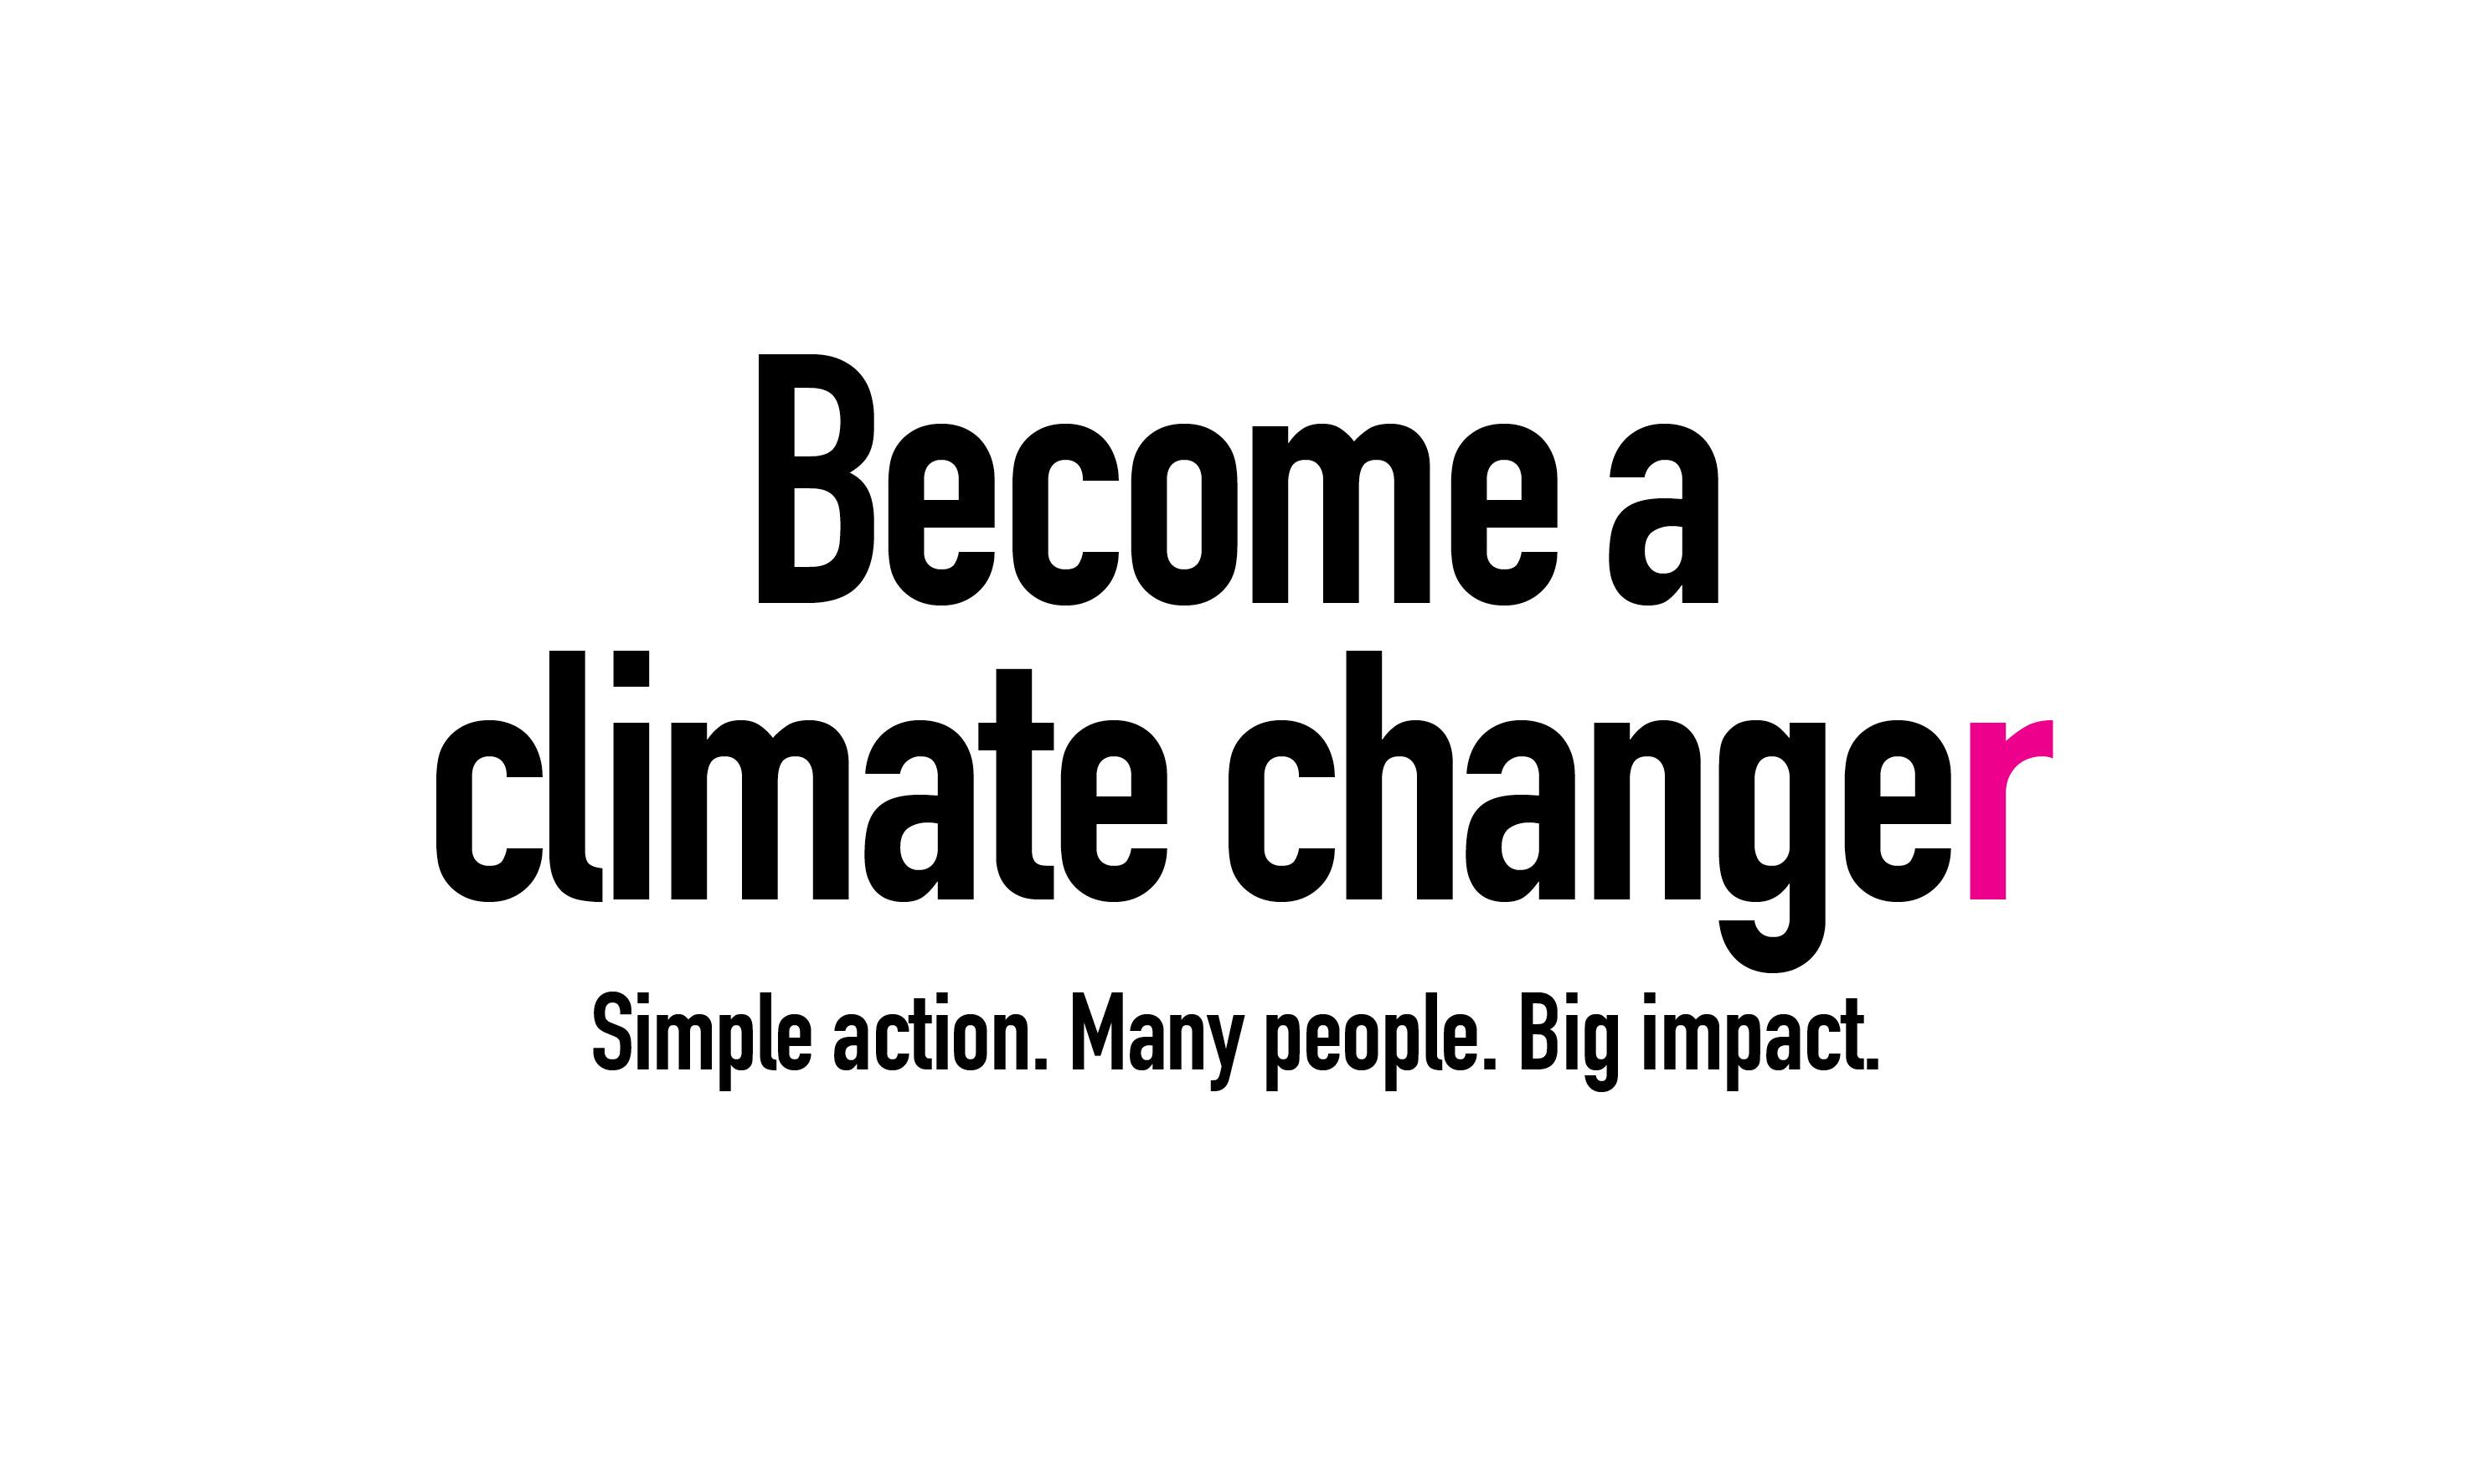 ClimateChangerText Batch#1 11